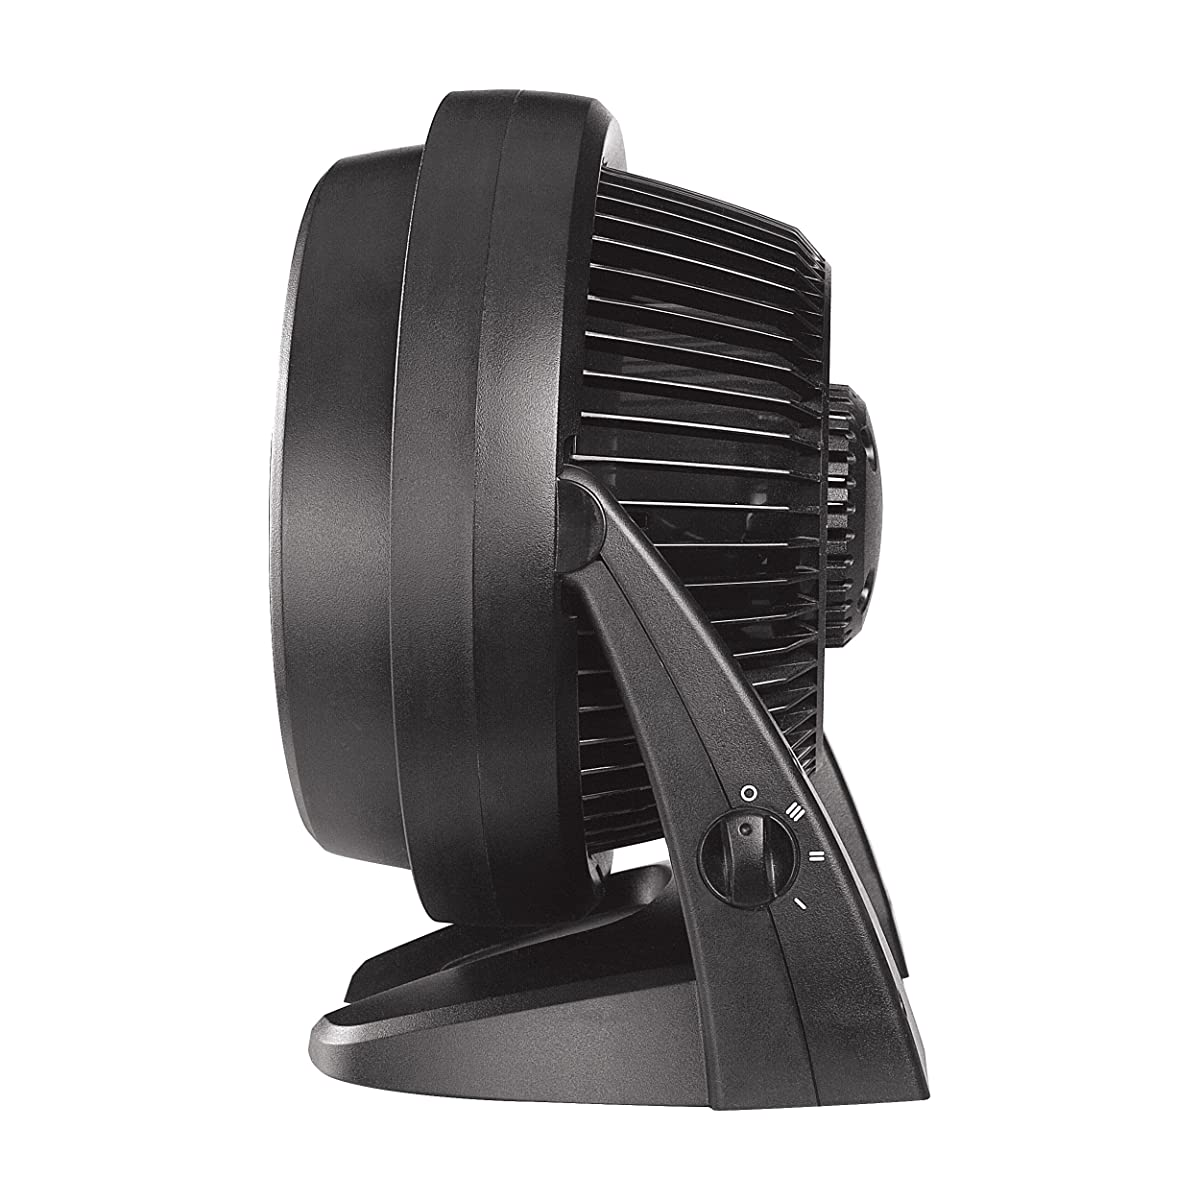 Vornado 630 Mid-Size Whole Room Air Circulator